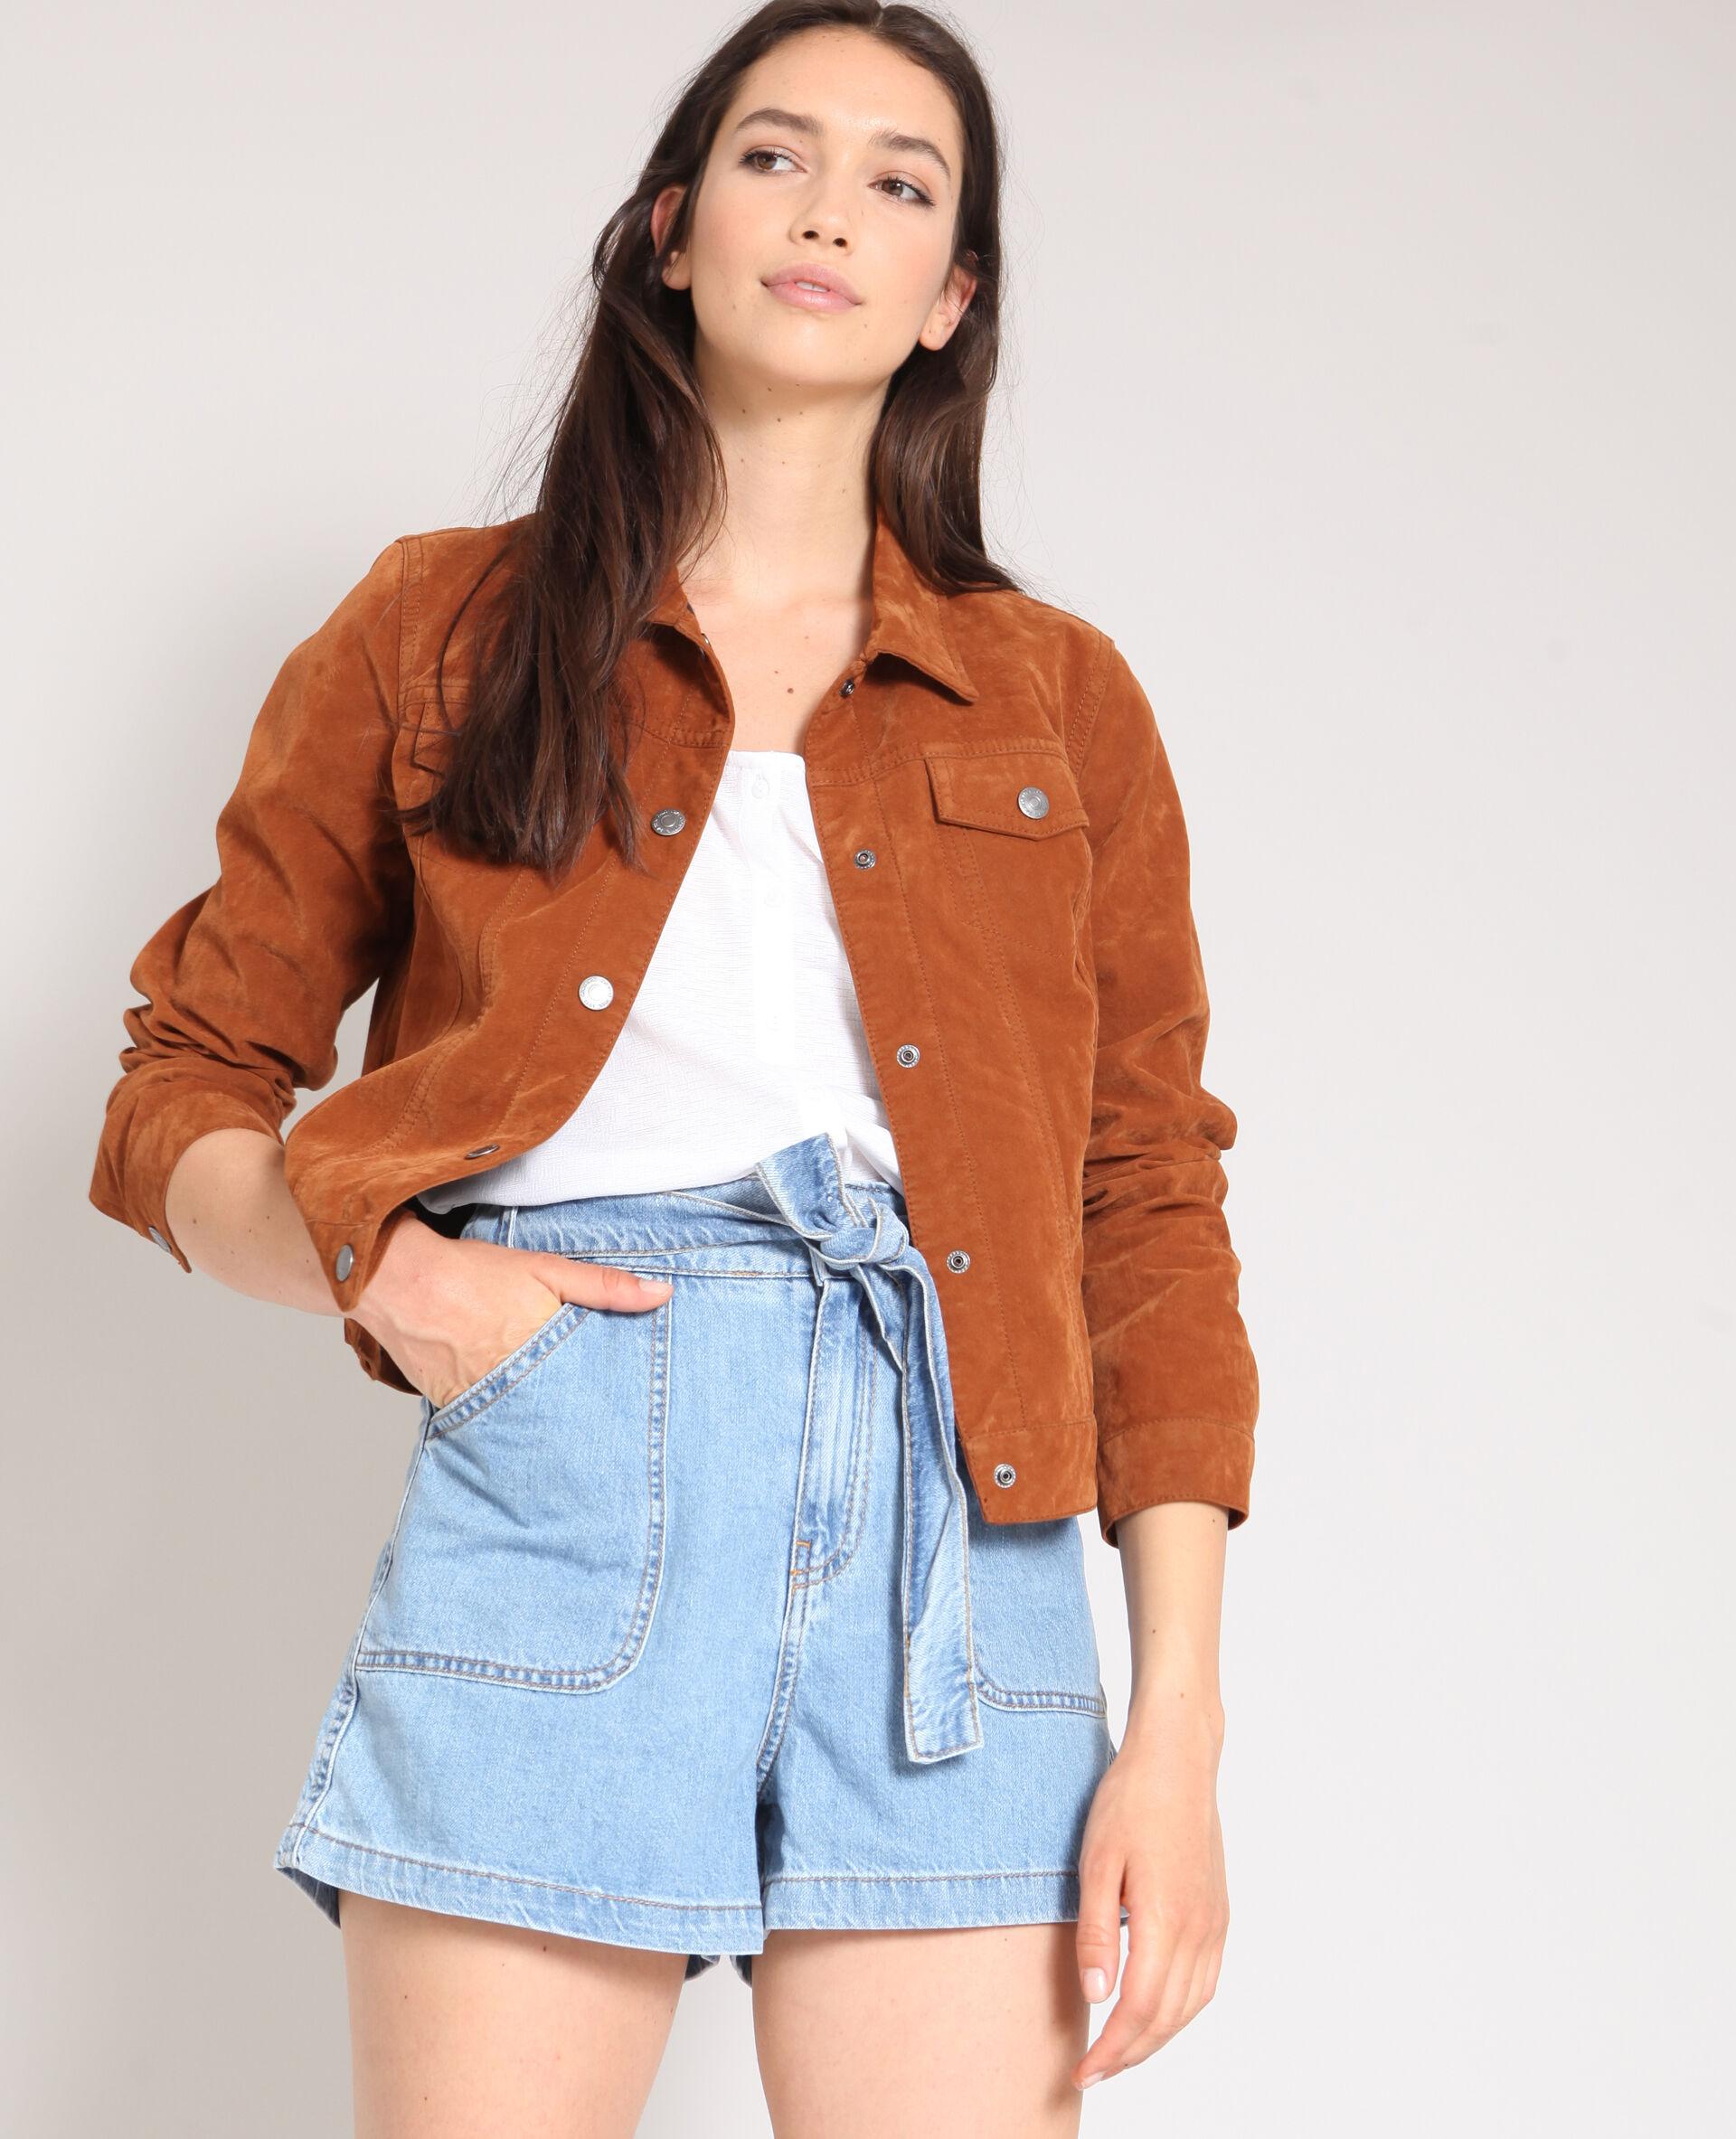 Soldes Veste en faux cuir Femme -60% - Couleur caramel - Taille S - 9f19cd95110f